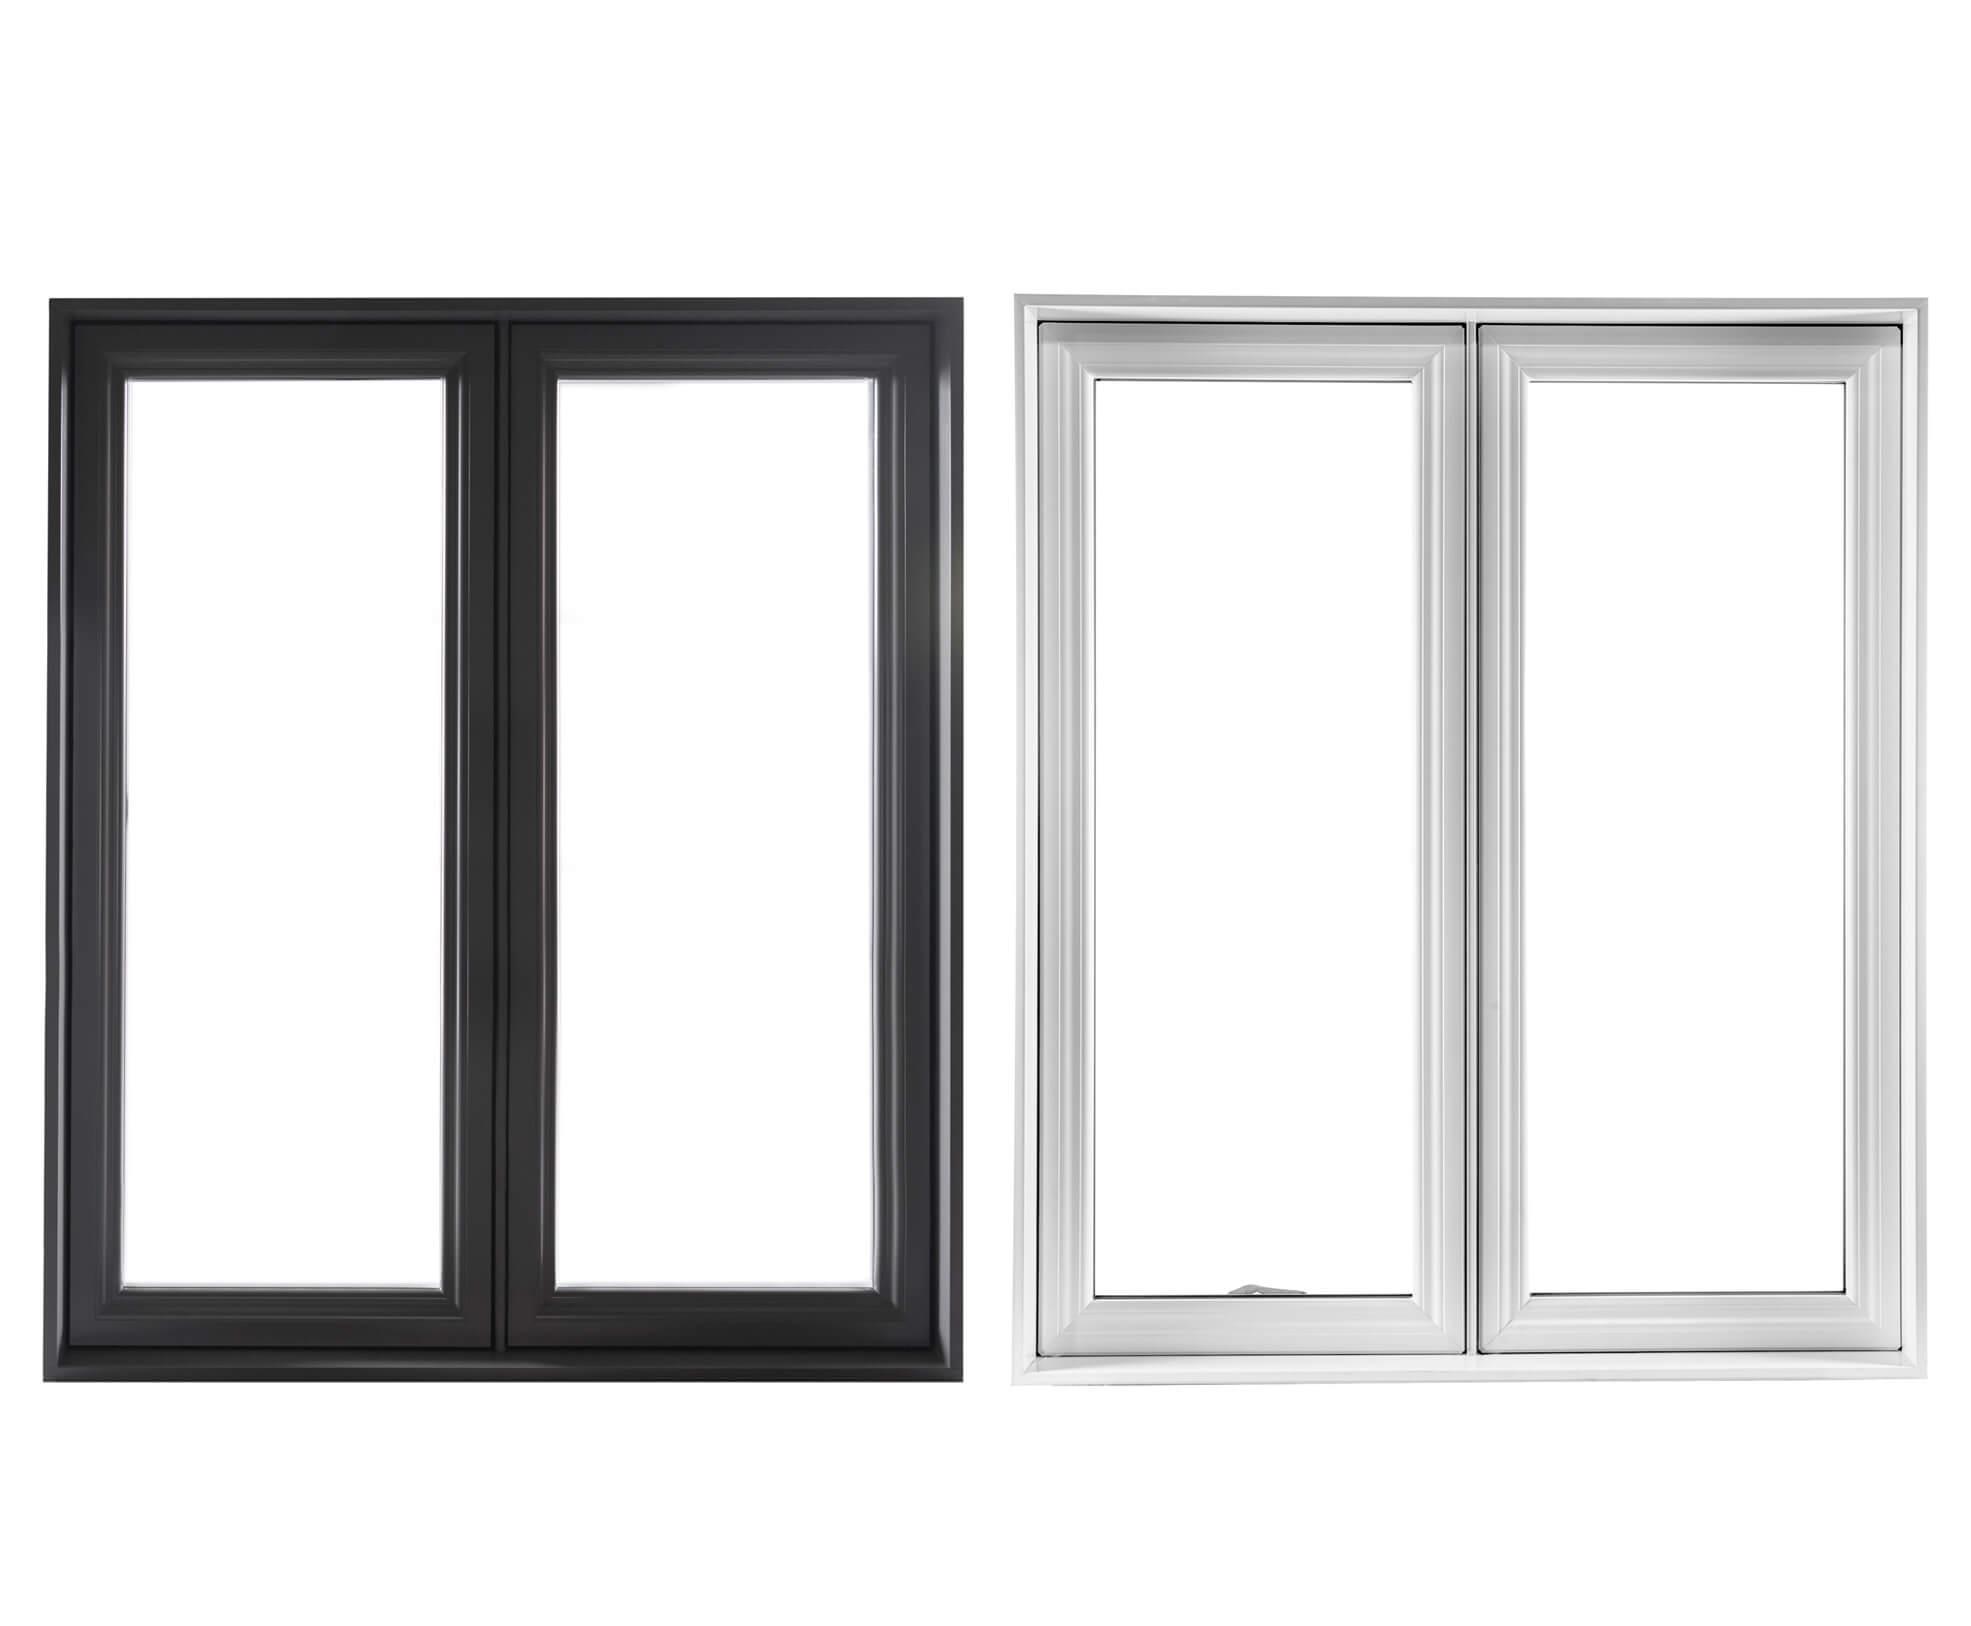 pvc and aluminium casement windows